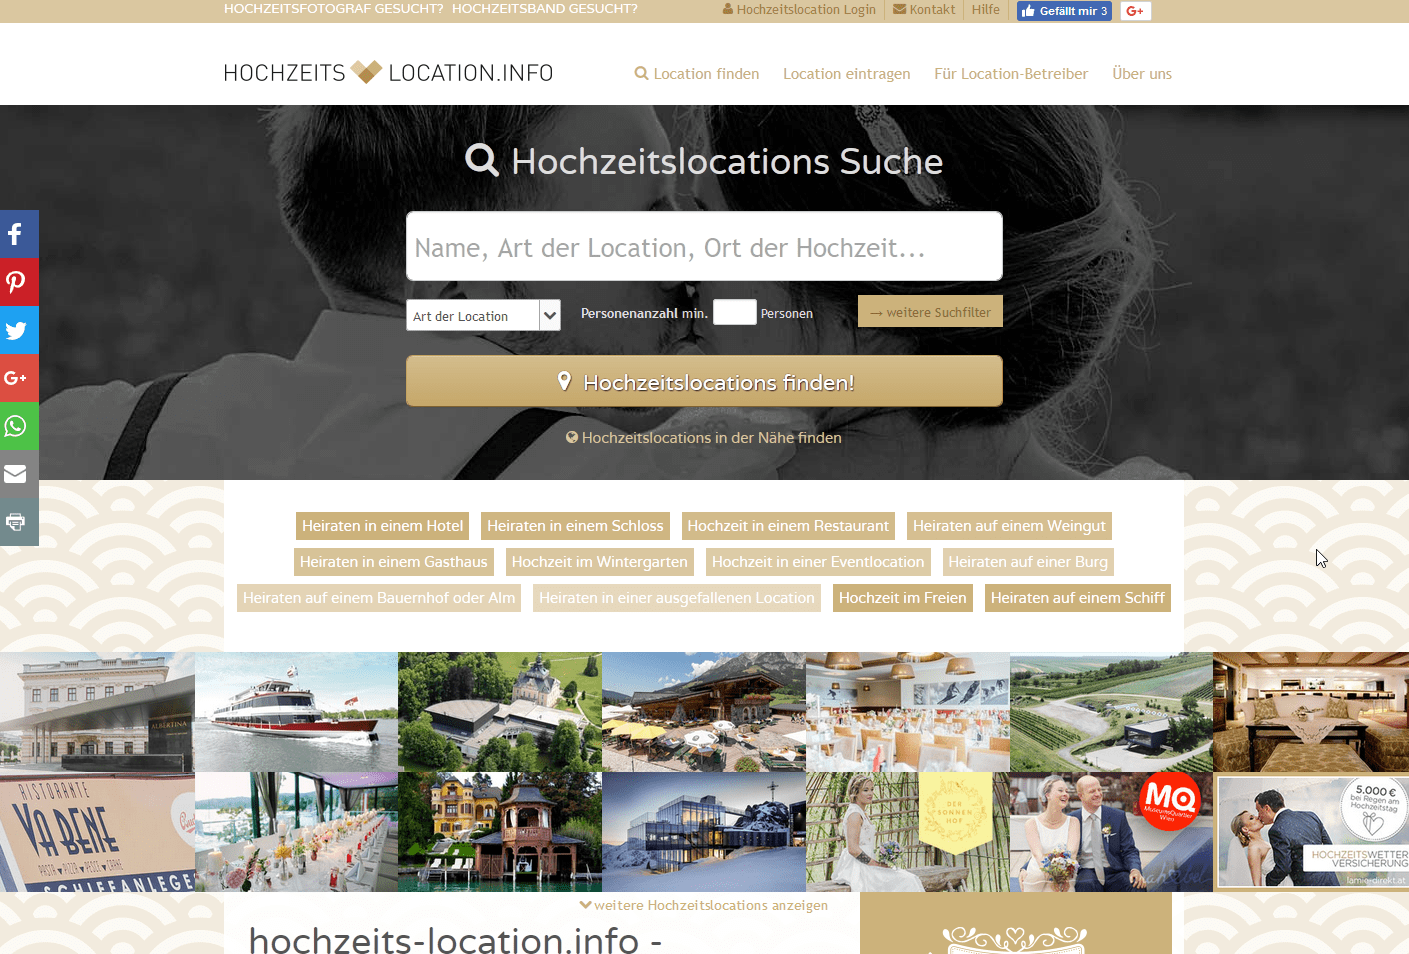 komplett individuelle Startseite beim Hochzeits-Location Branchenportal